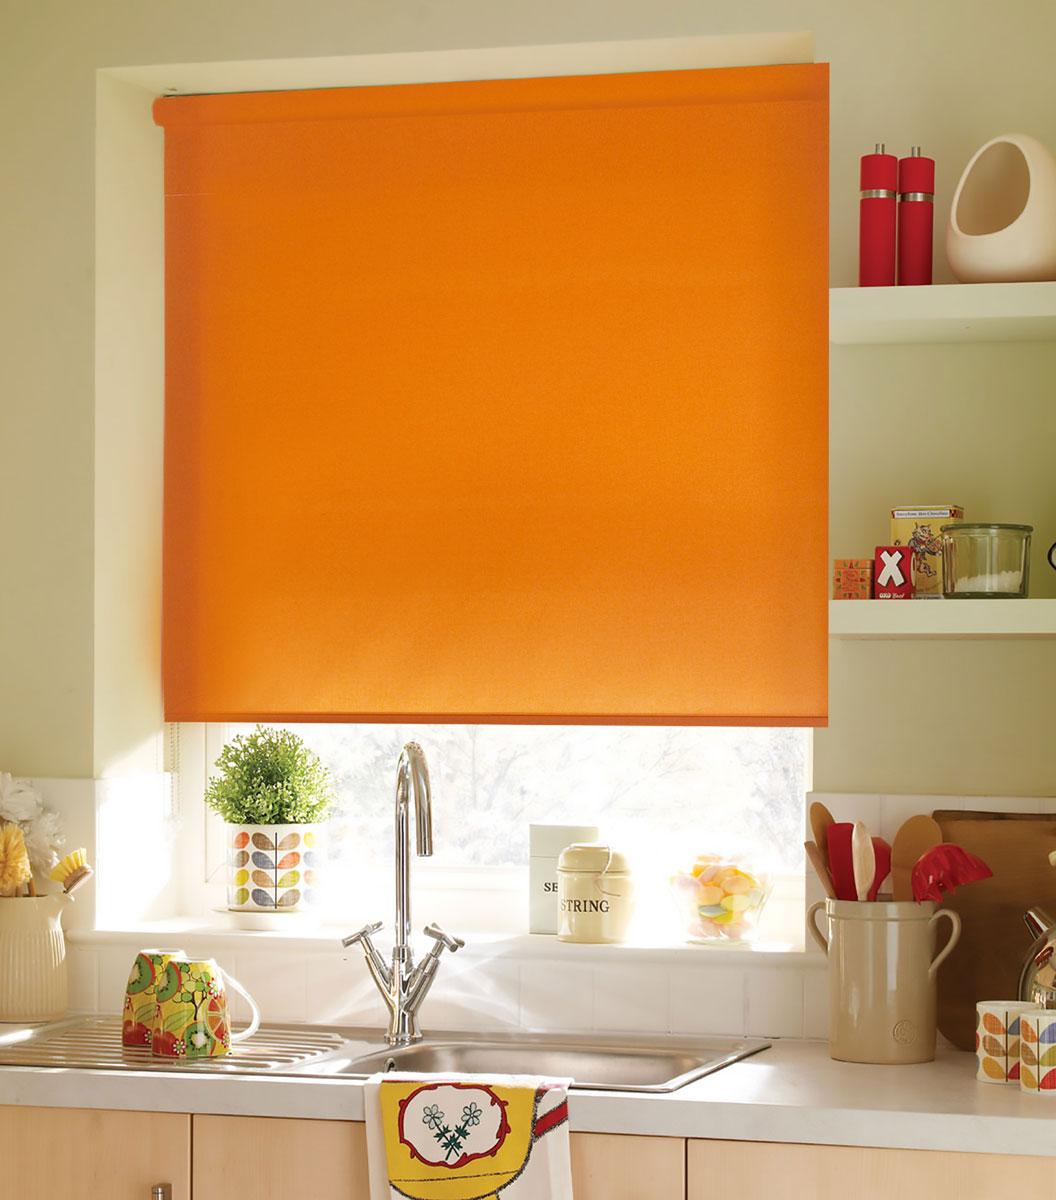 Штора рулонная KauffOrt Миниролло, цвет: оранжевый, ширина 90 см, высота 170 см3090203Рулонная штора Миниролло выполнена из высокопрочной ткани оранжевого цвета, которая сохраняет свой размер даже при намокании. Ткань не выцветает и обладает отличной цветоустойчивостью. Миниролло - это подвид рулонных штор, который закрывает не весь оконный проем, а непосредственно само стекло. Такие шторы крепятся на раму без сверления при помощи зажимов или клейкой двухсторонней ленты. Окно остаётся на гарантии, благодаря монтажу без сверления. Такая штора станет прекрасным элементом декора окна и гармонично впишется в интерьер любого помещения.